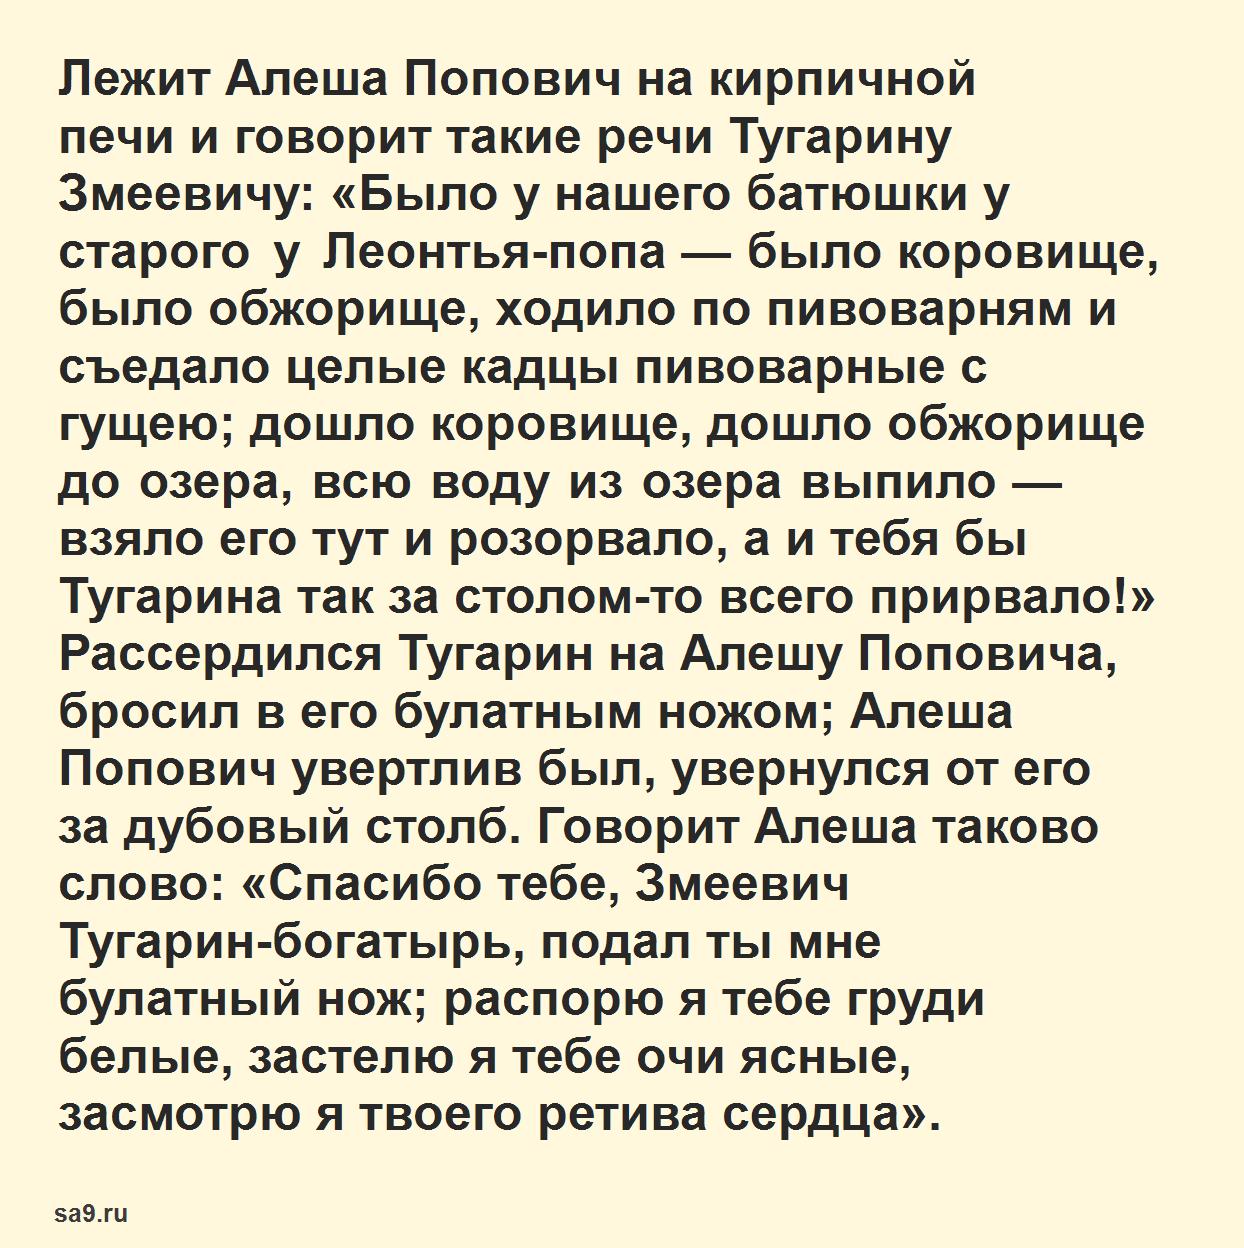 Читать русскую народную сказку - Алеша Попович, для детей